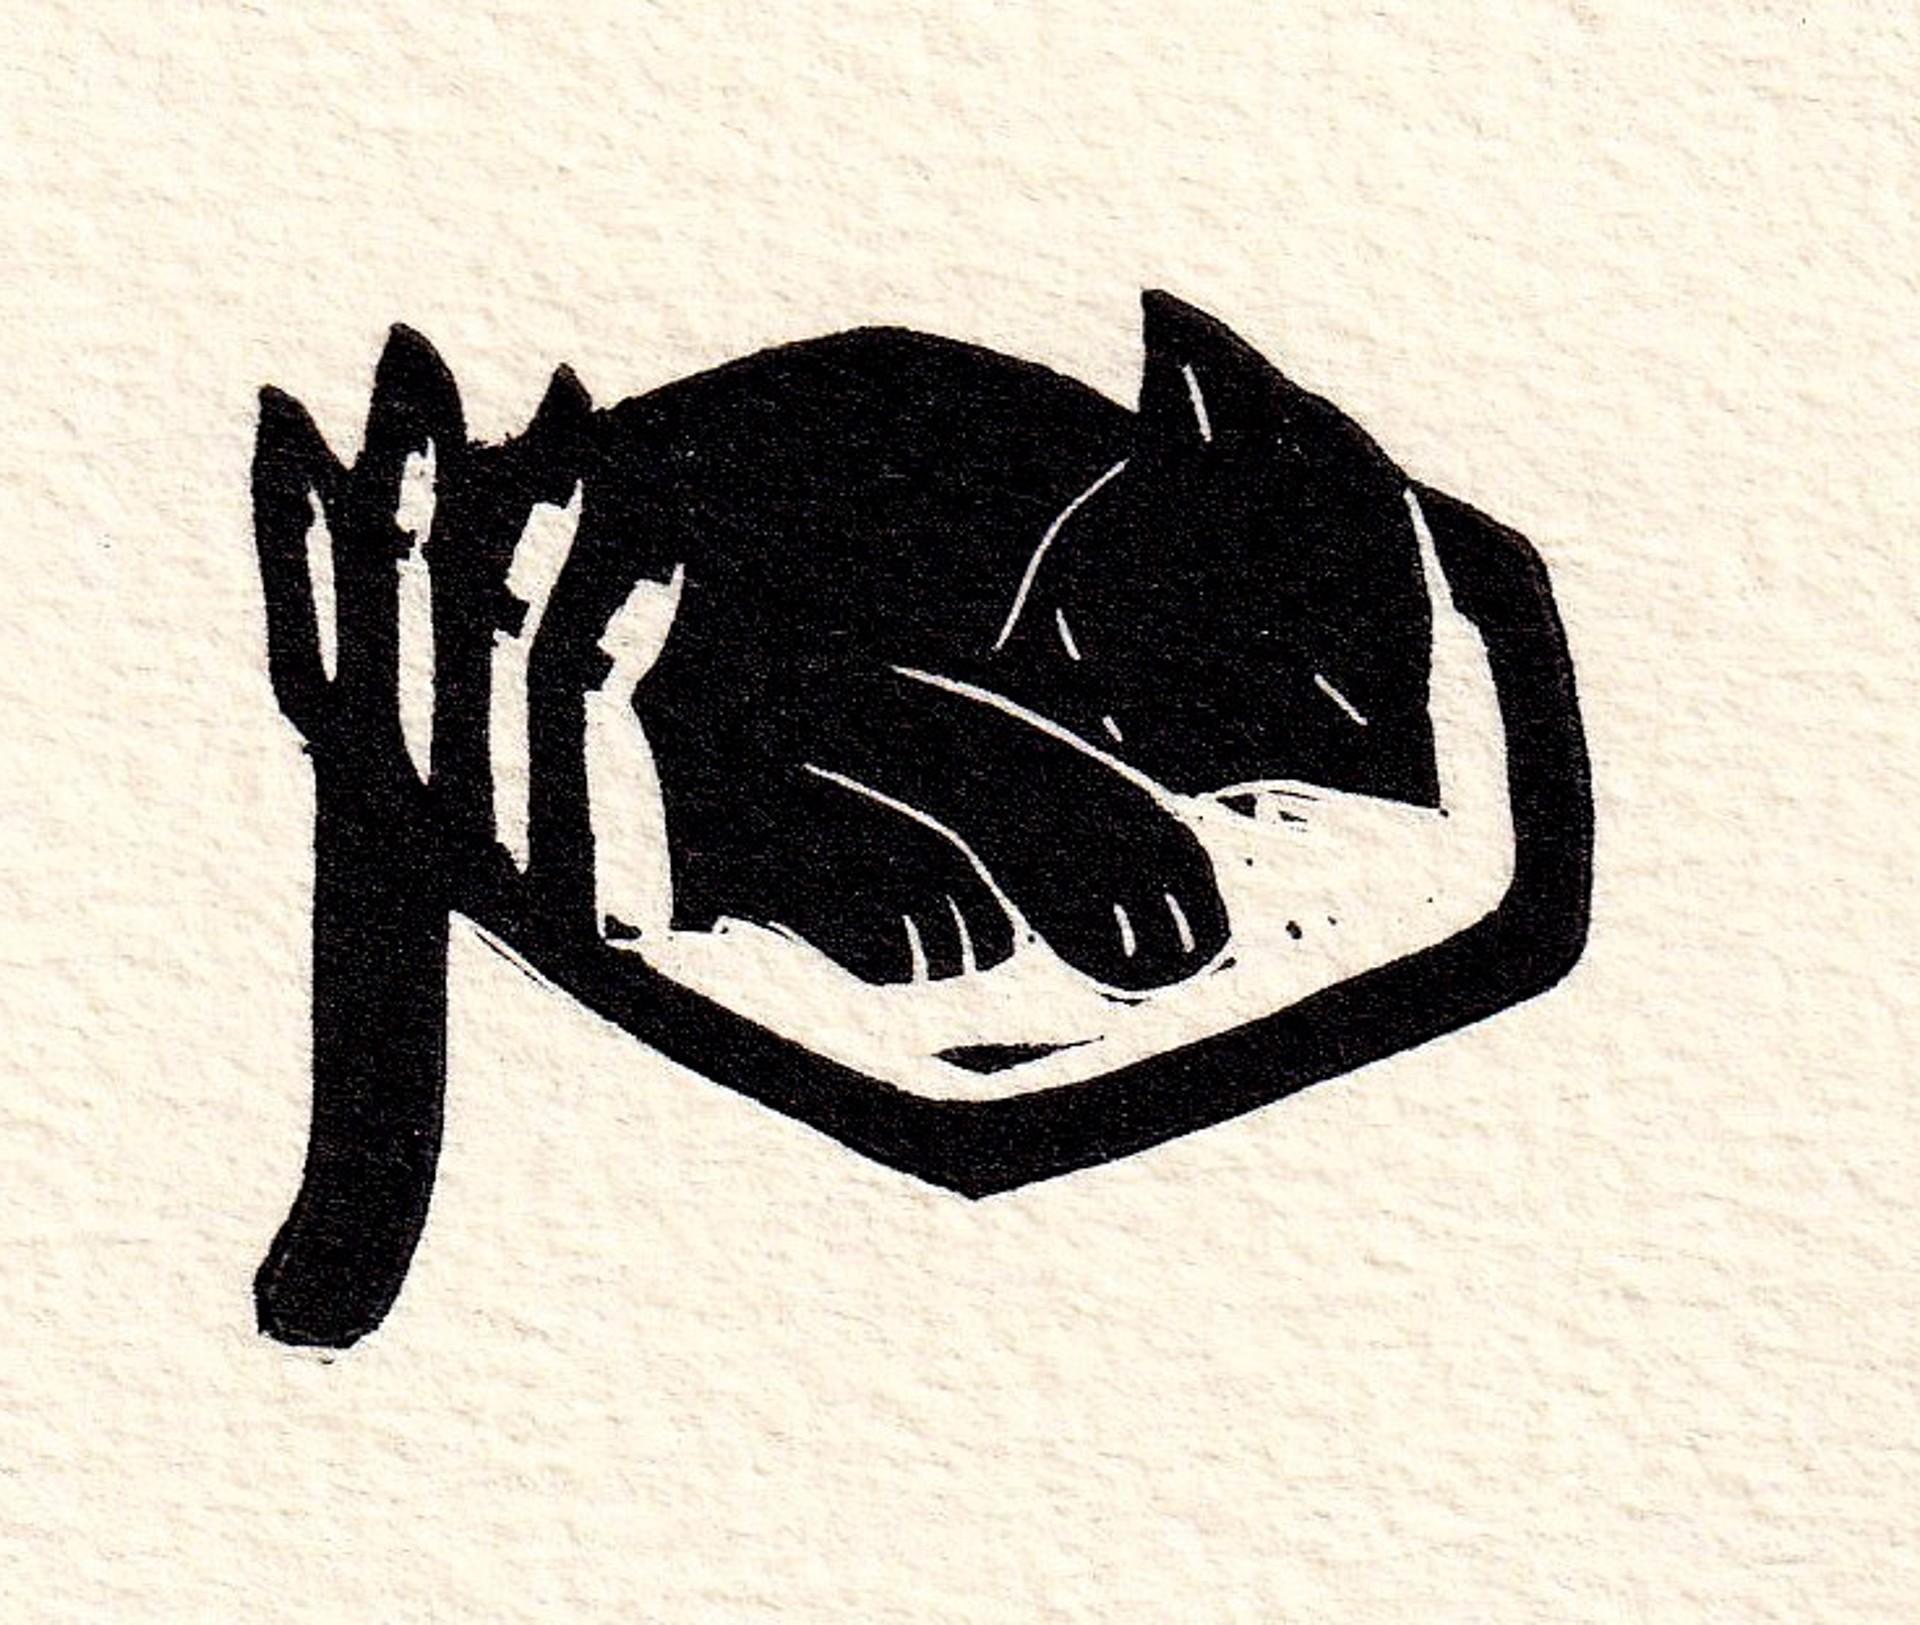 Gato Durmiendo en Mano by Alberto Cruz